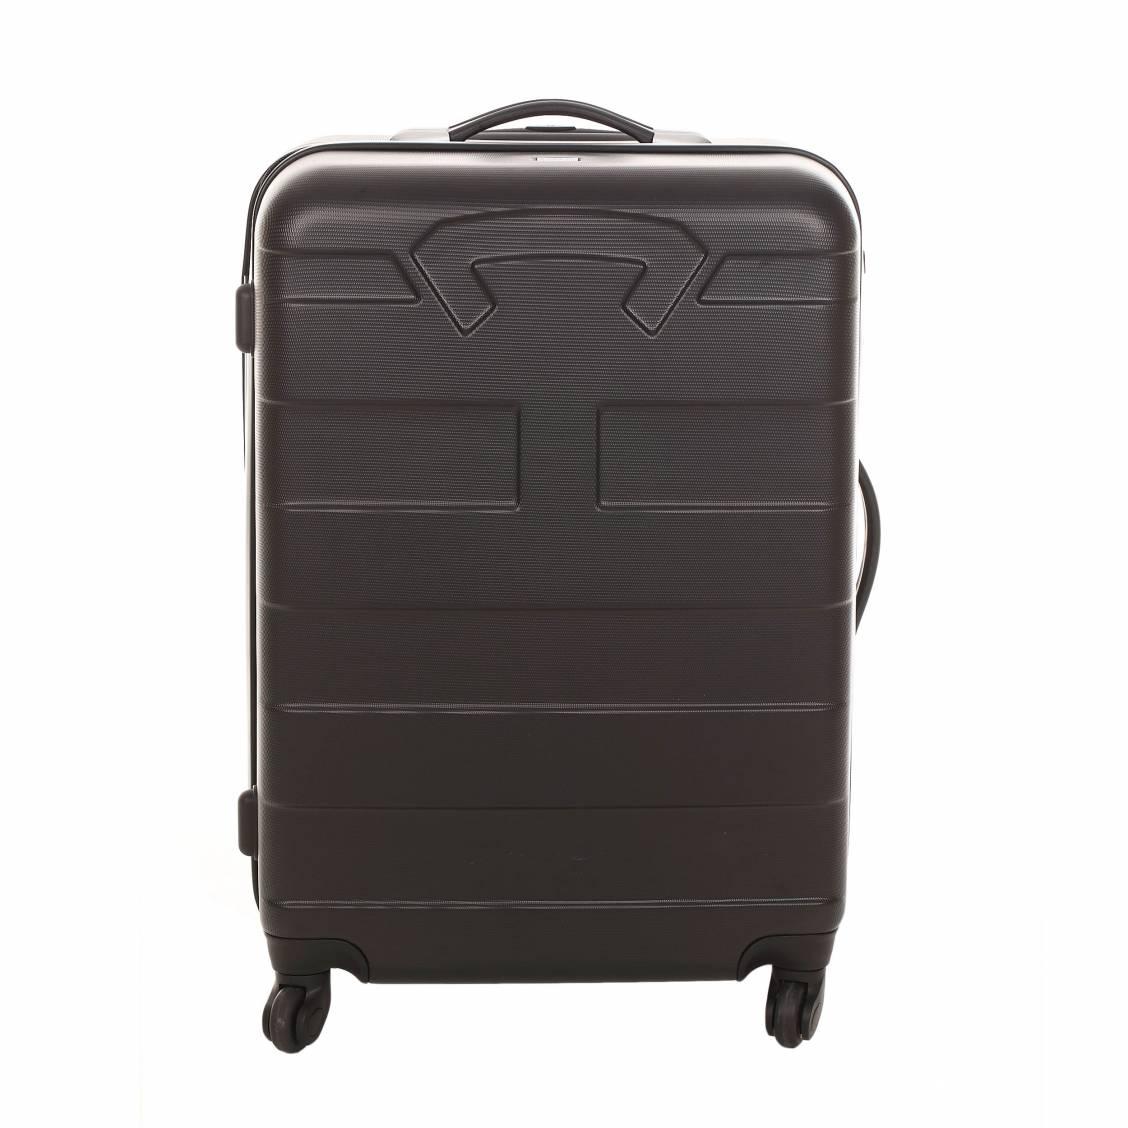 valise cabine 62l serge blanco noire ultra l g re rue. Black Bedroom Furniture Sets. Home Design Ideas